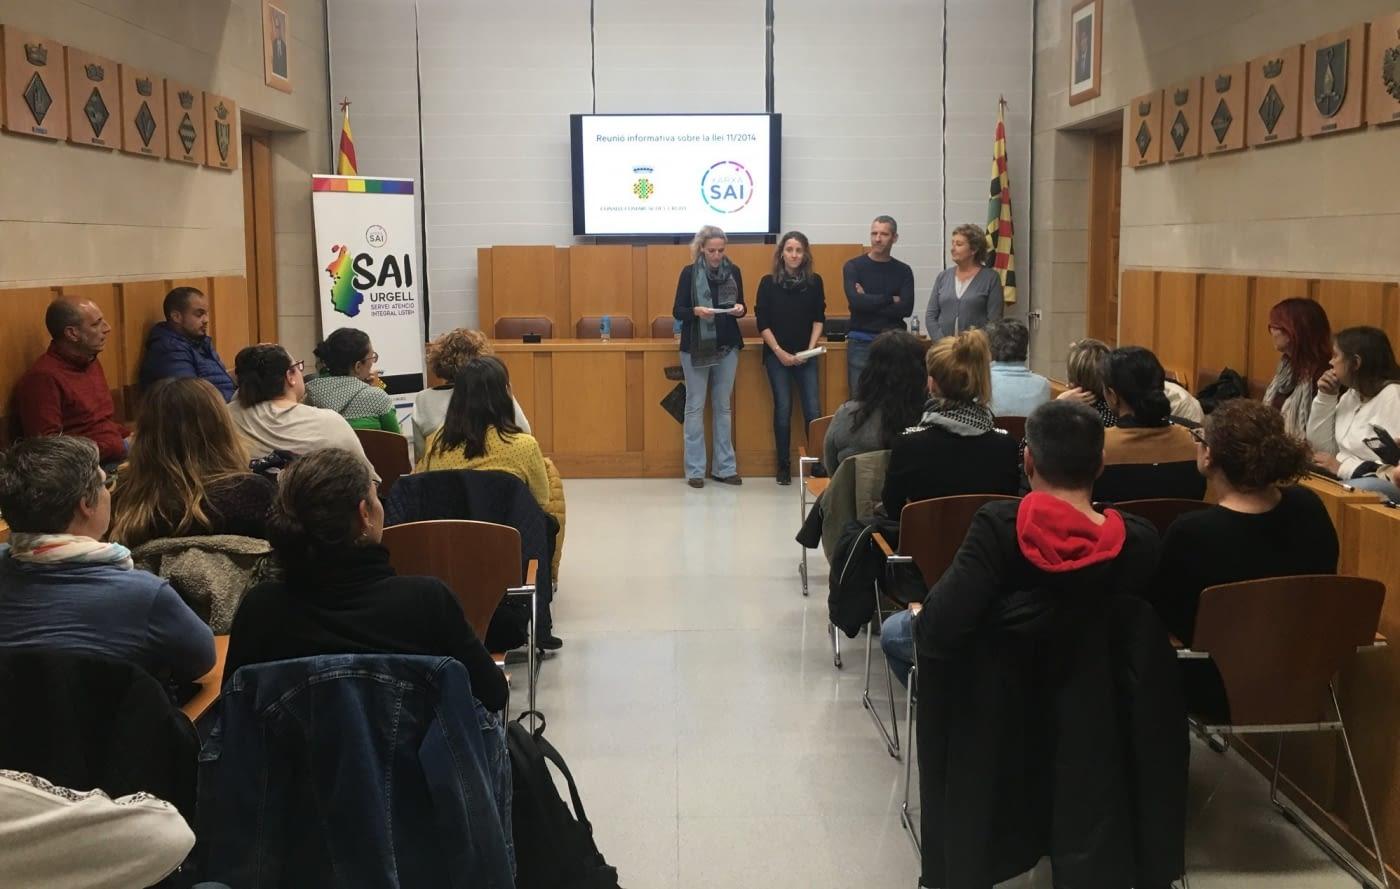 JORNADA FORMATIVA PER ALS CÀRRECS ELECTES PER GARANTIR ELS DRETS DE PERSONES LGTBI